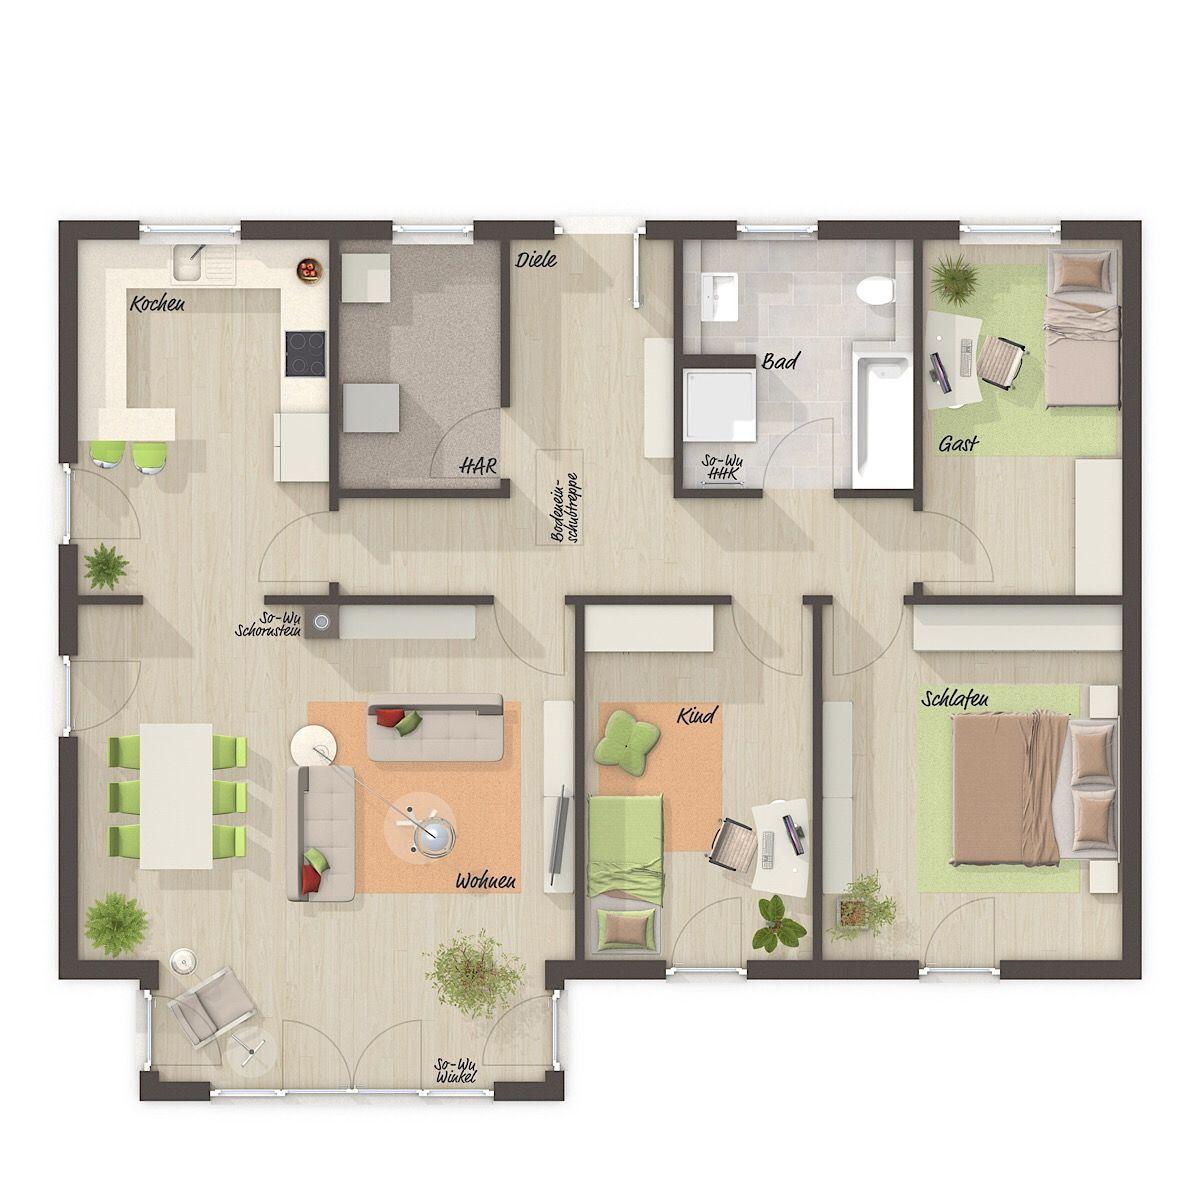 Bungalow Grundriss modern mit Walmdach Architektur & Erker